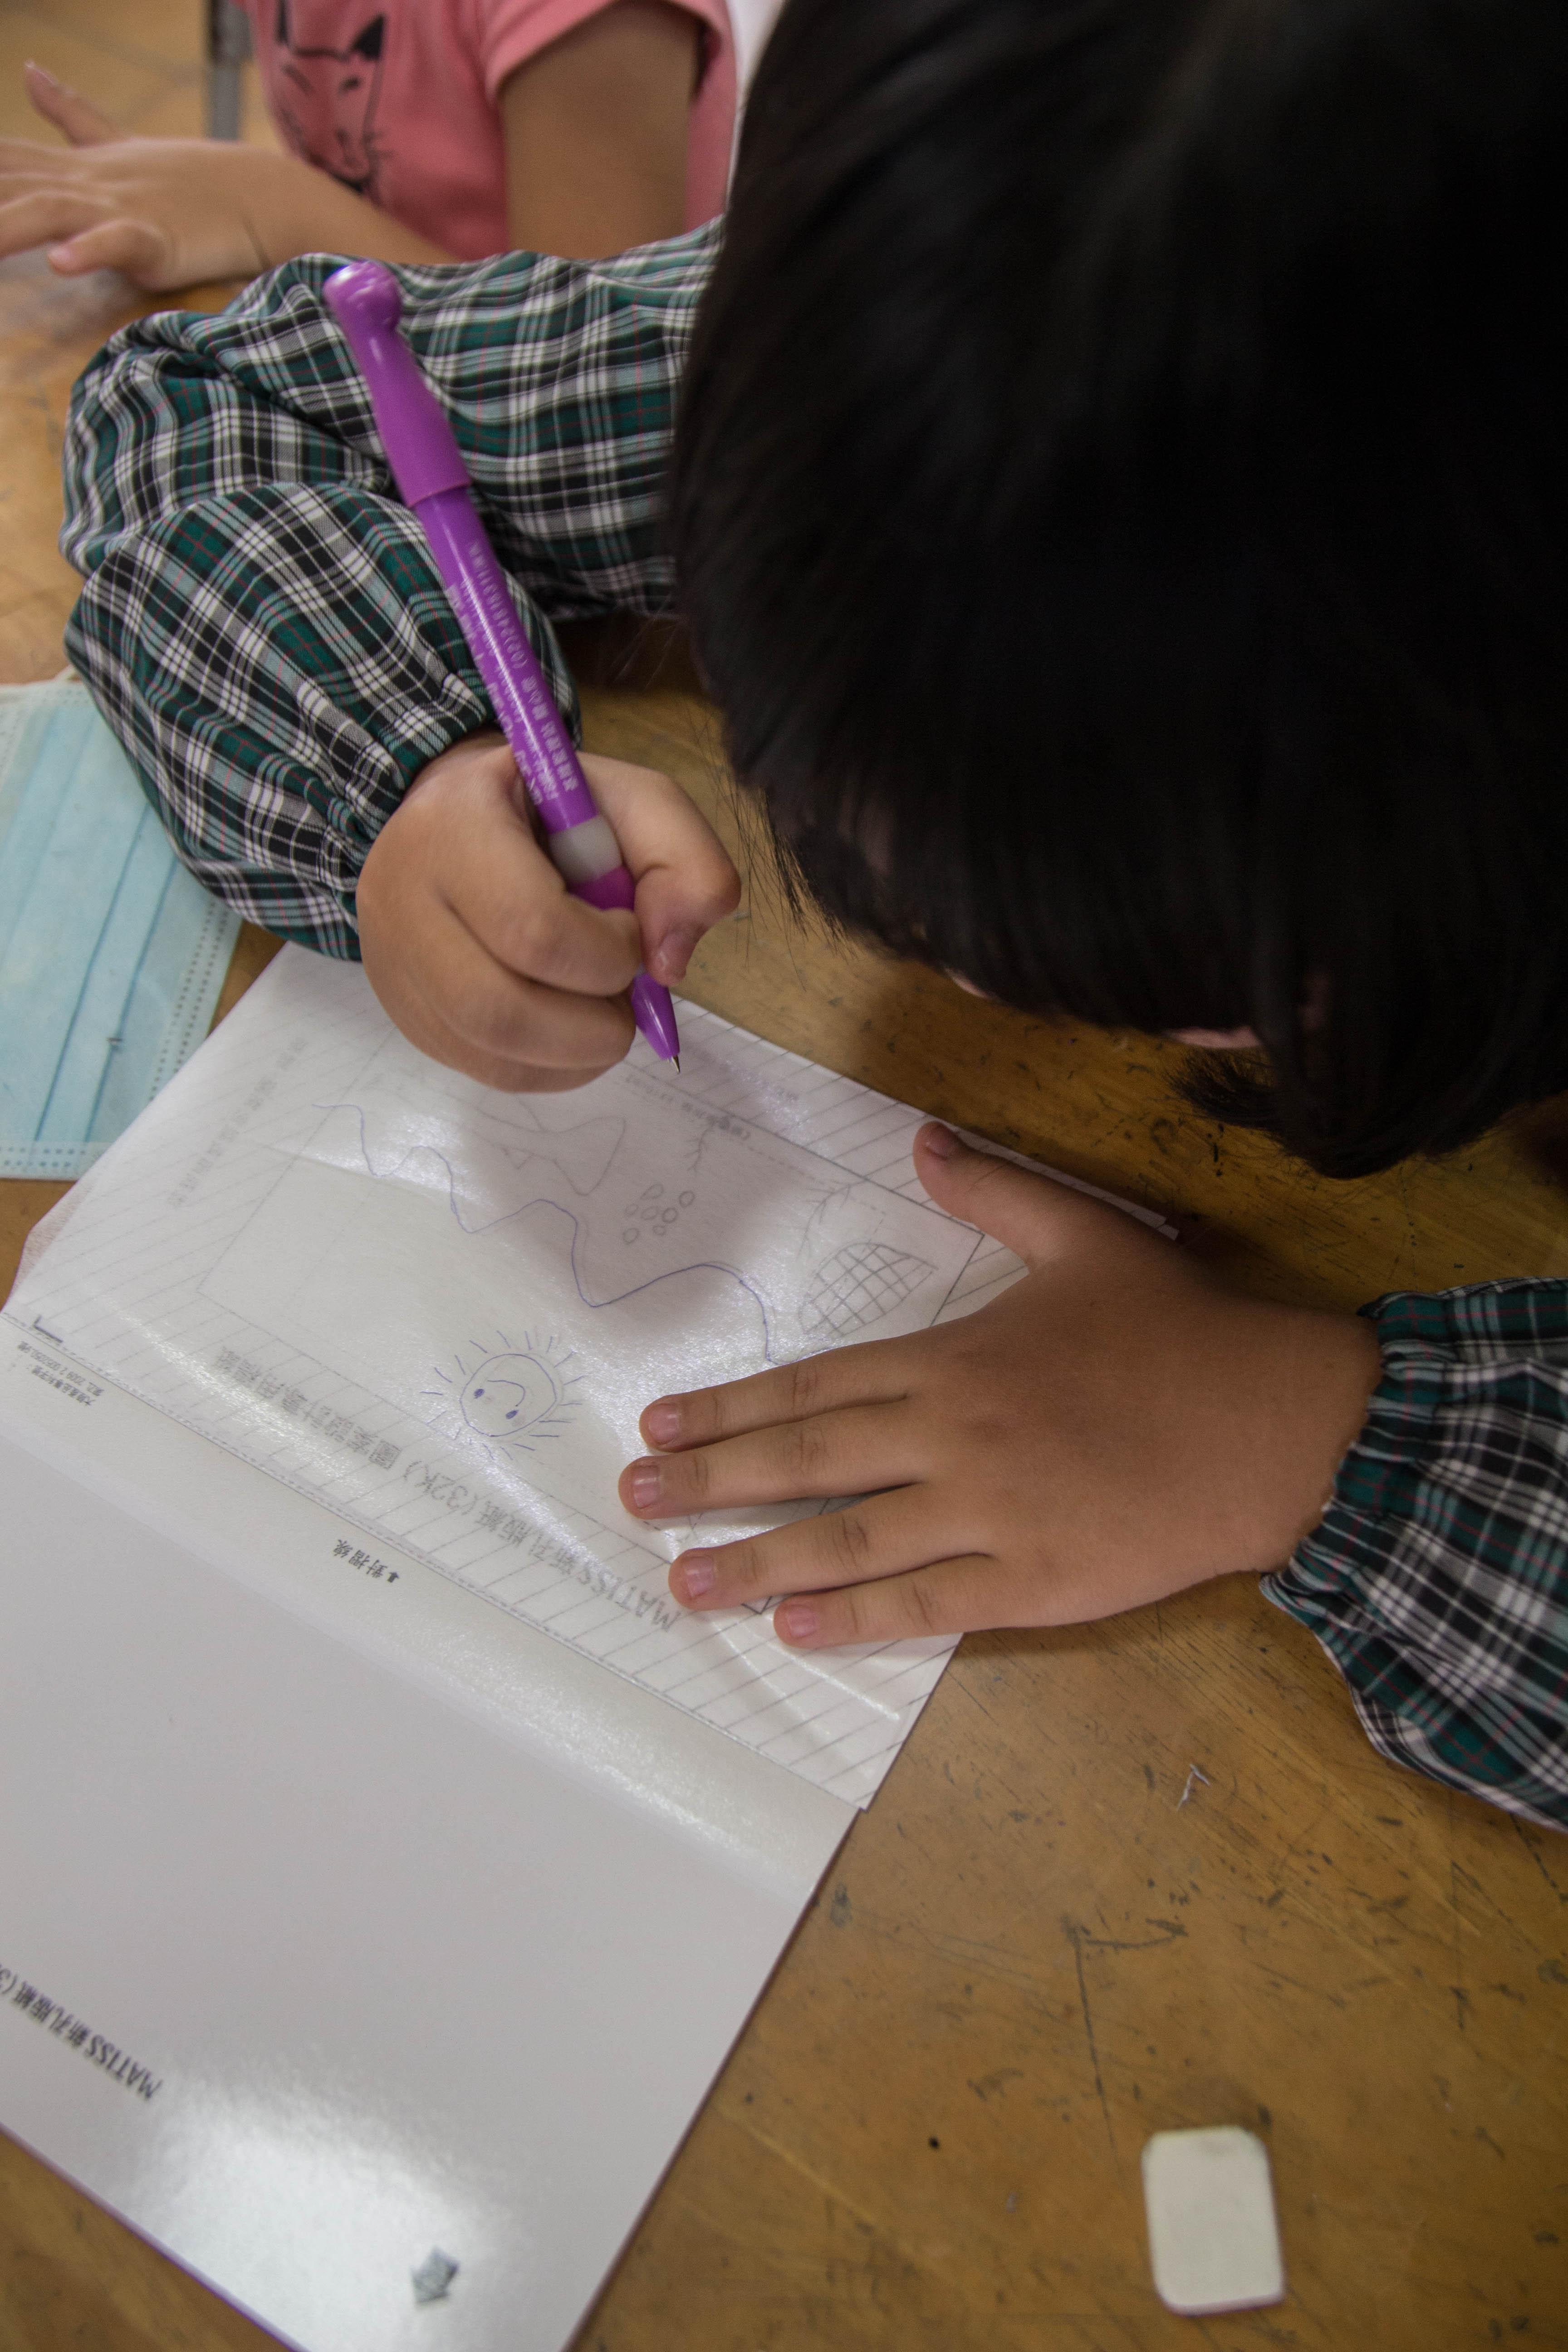 小朋友認真的為青鱂魚書籤構圖。 攝影 高子涵